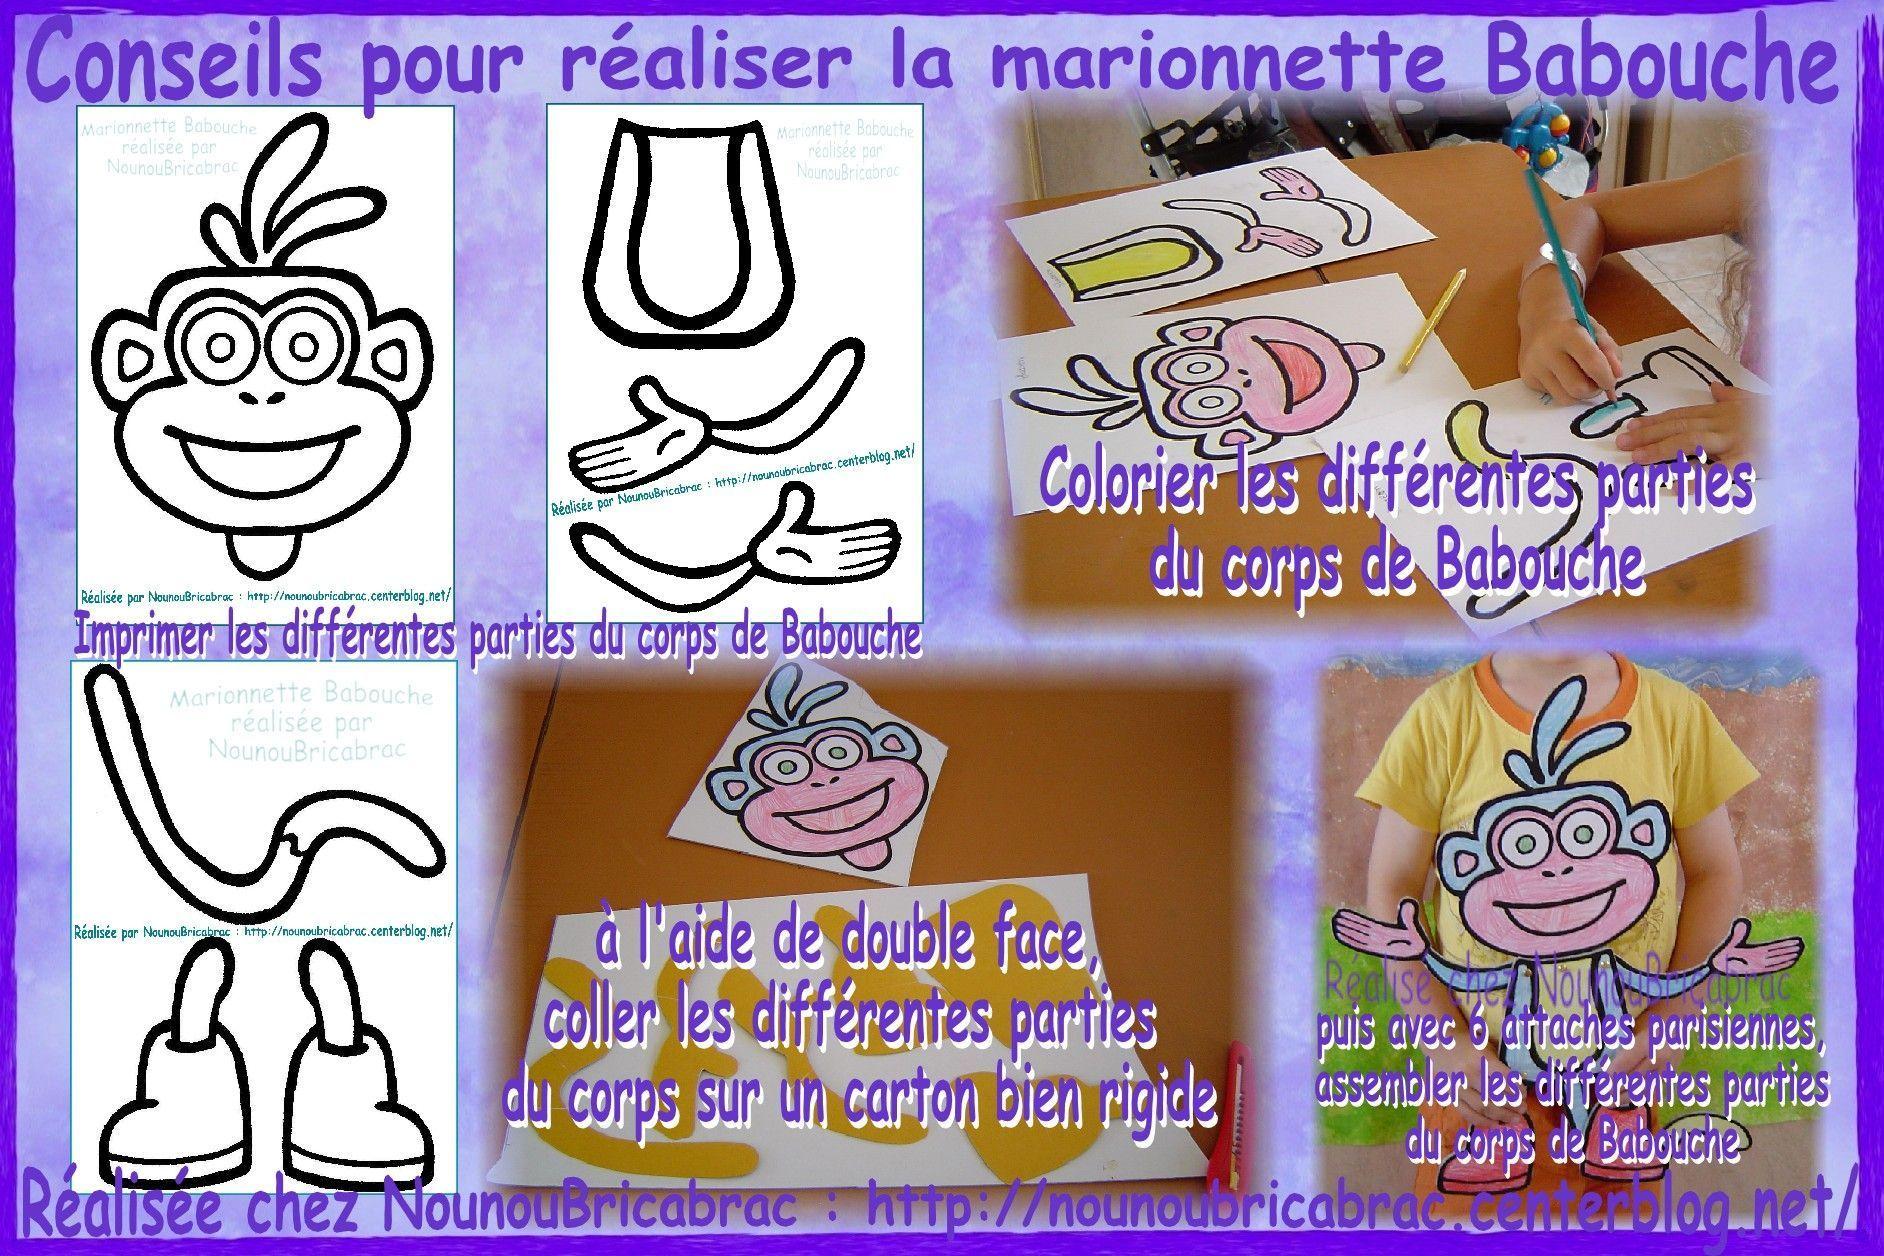 Marionnette Babouche... conseils pour réaliser la marionnette